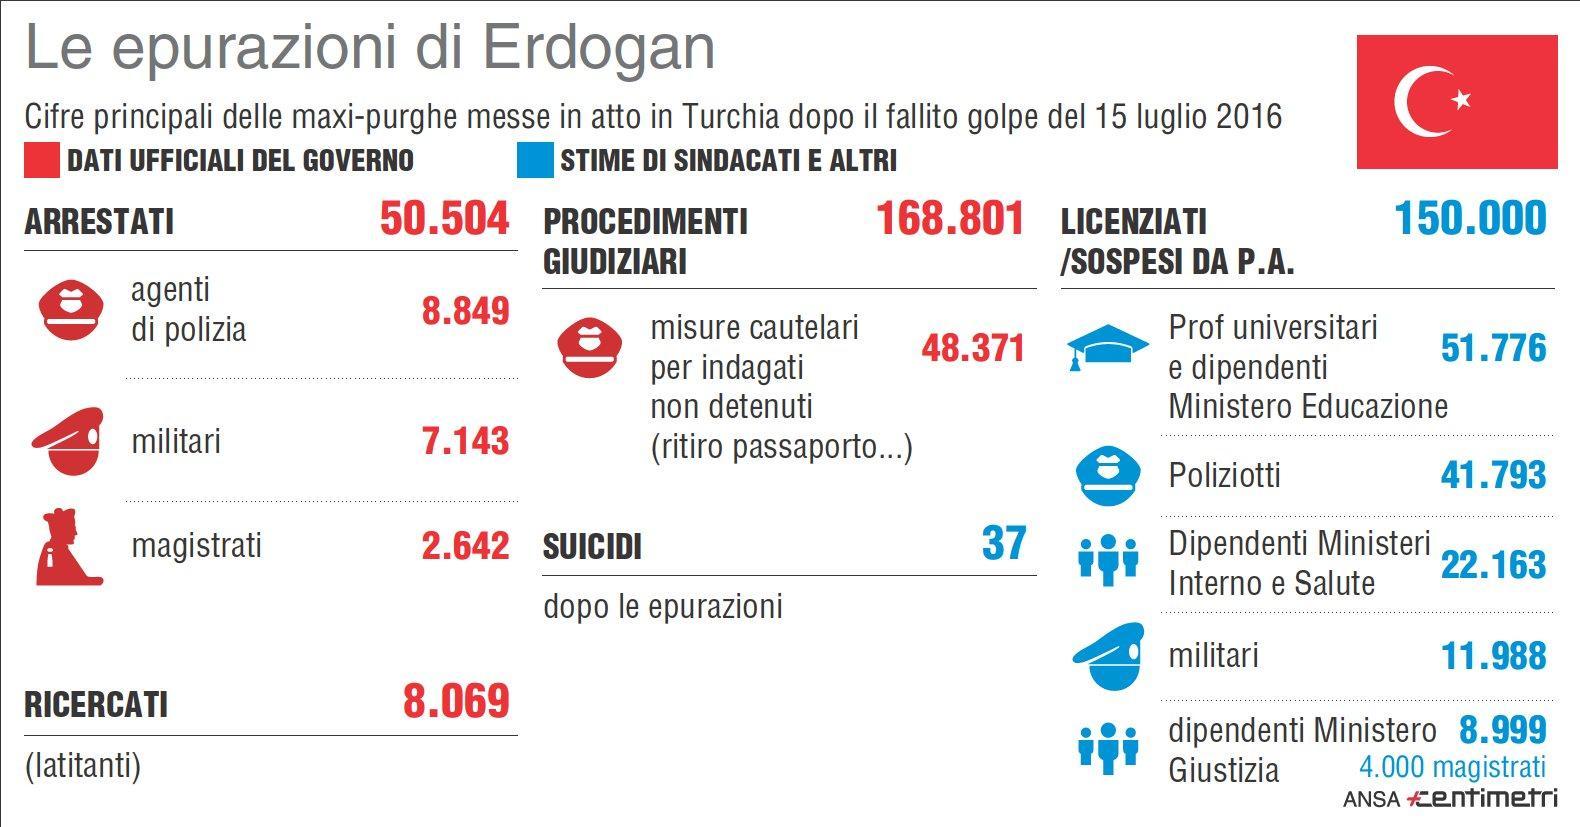 Turchia, i numeri di Erdogan dopo il golpe fallito